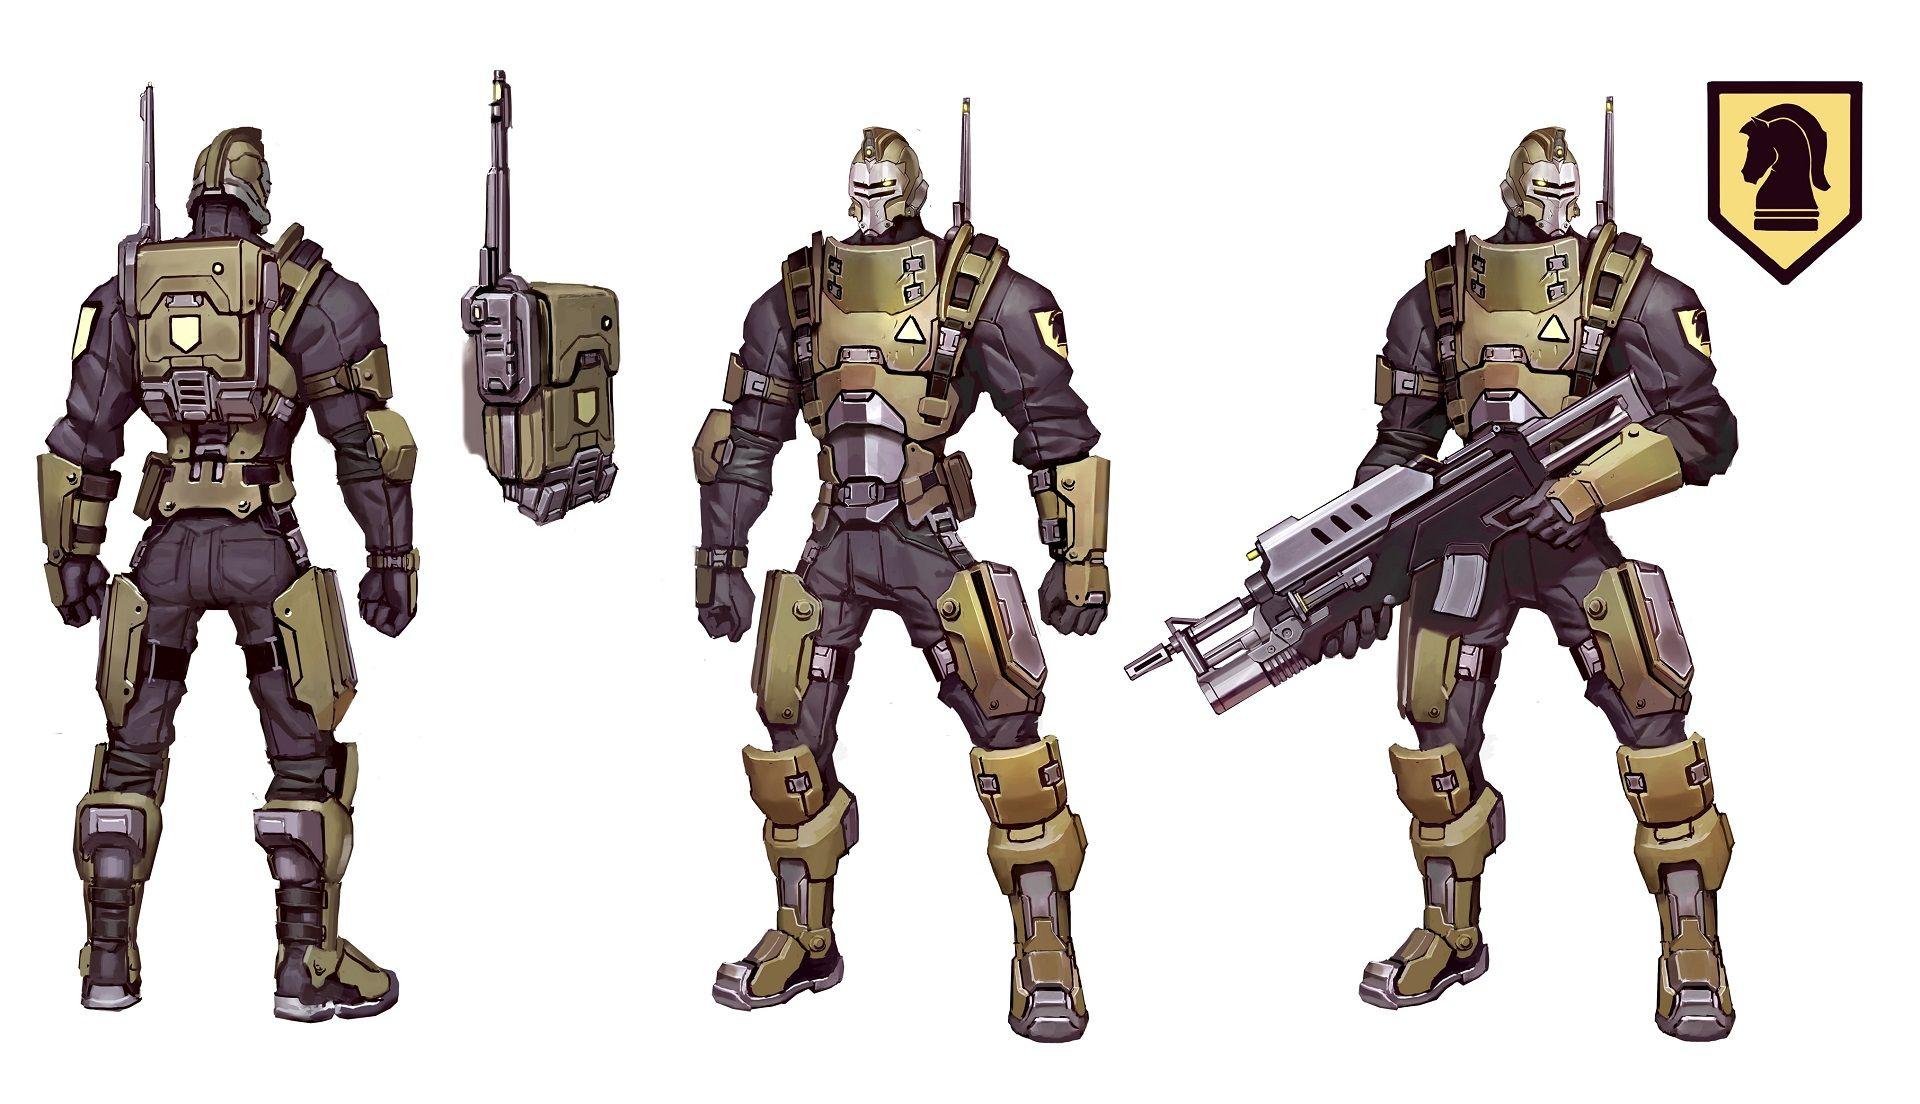 Peacekeeper Character Design Battleborn